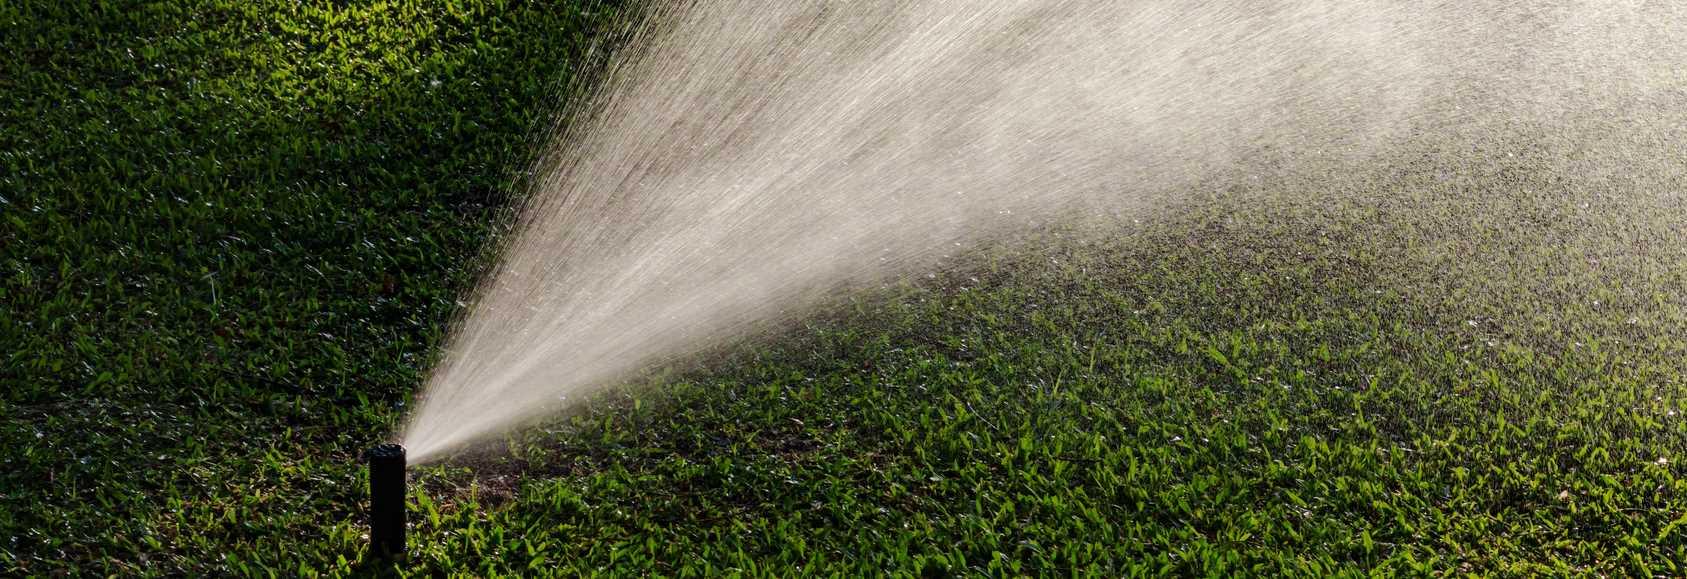 Lawn Sprinkler System Service Archives - Gabris Landscaping